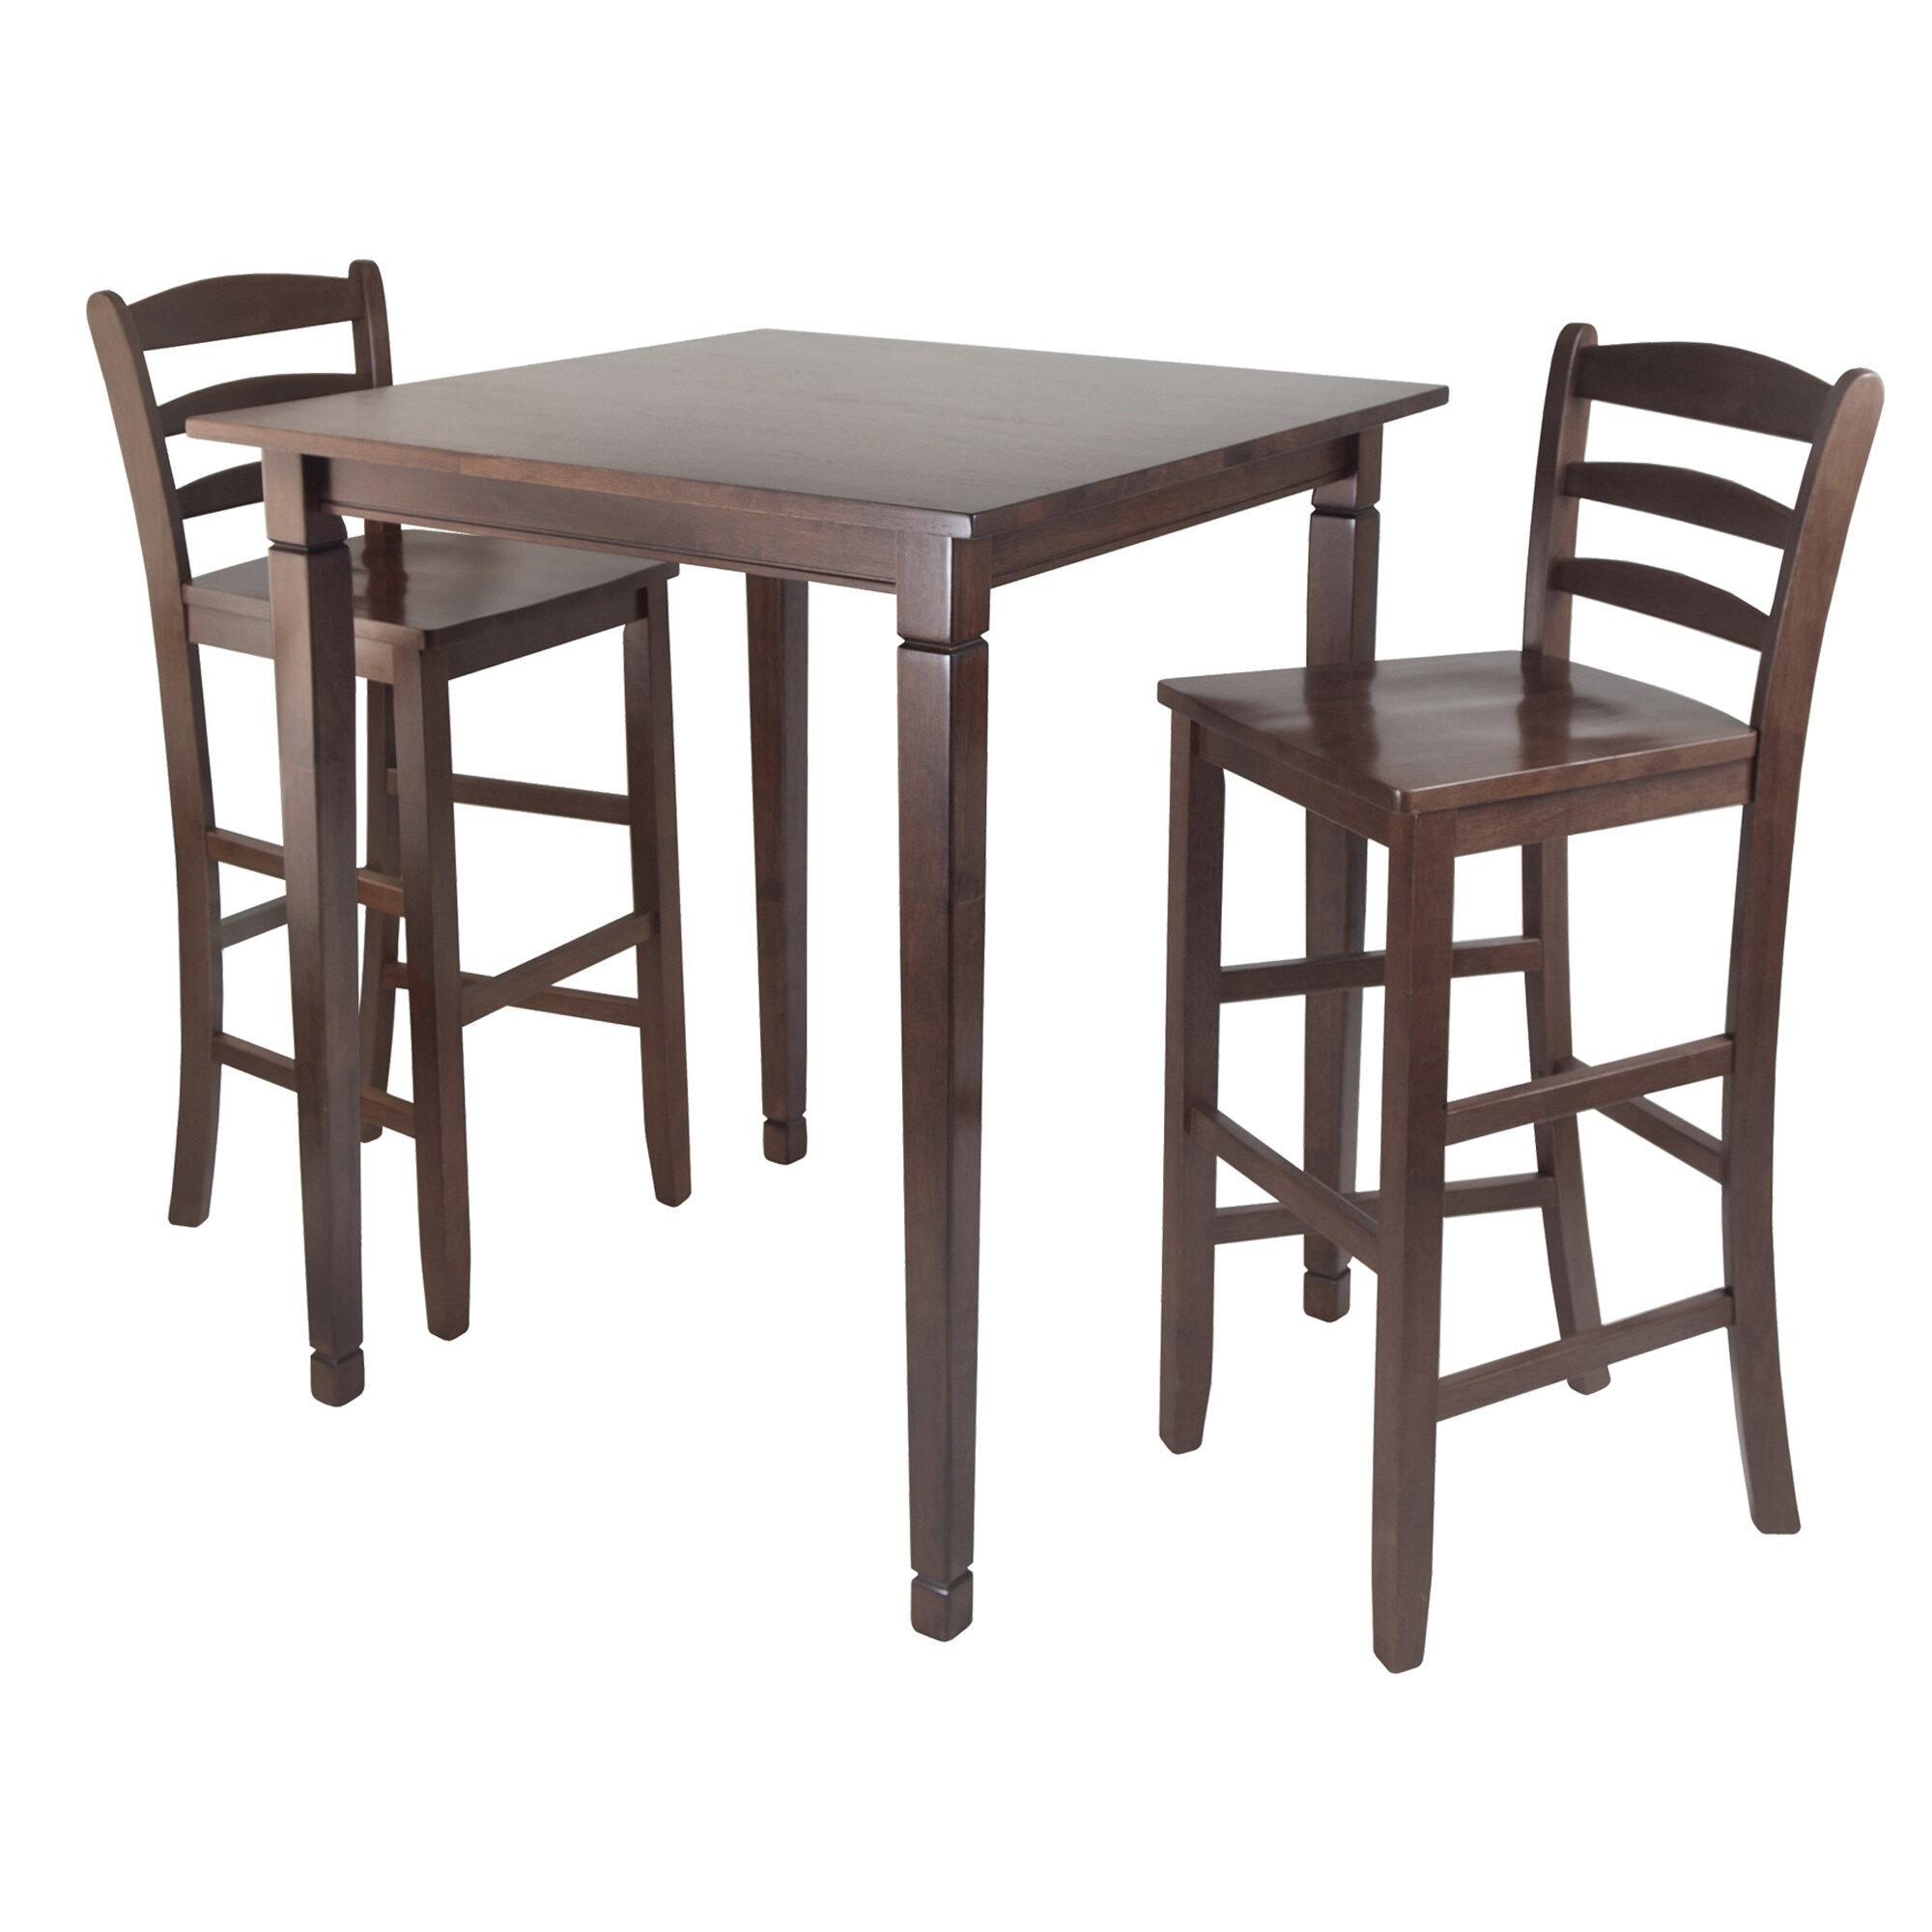 Red Barrel Studio Hemphill 3 Piece Counter Height Pub Table Set Reviews Wayfair